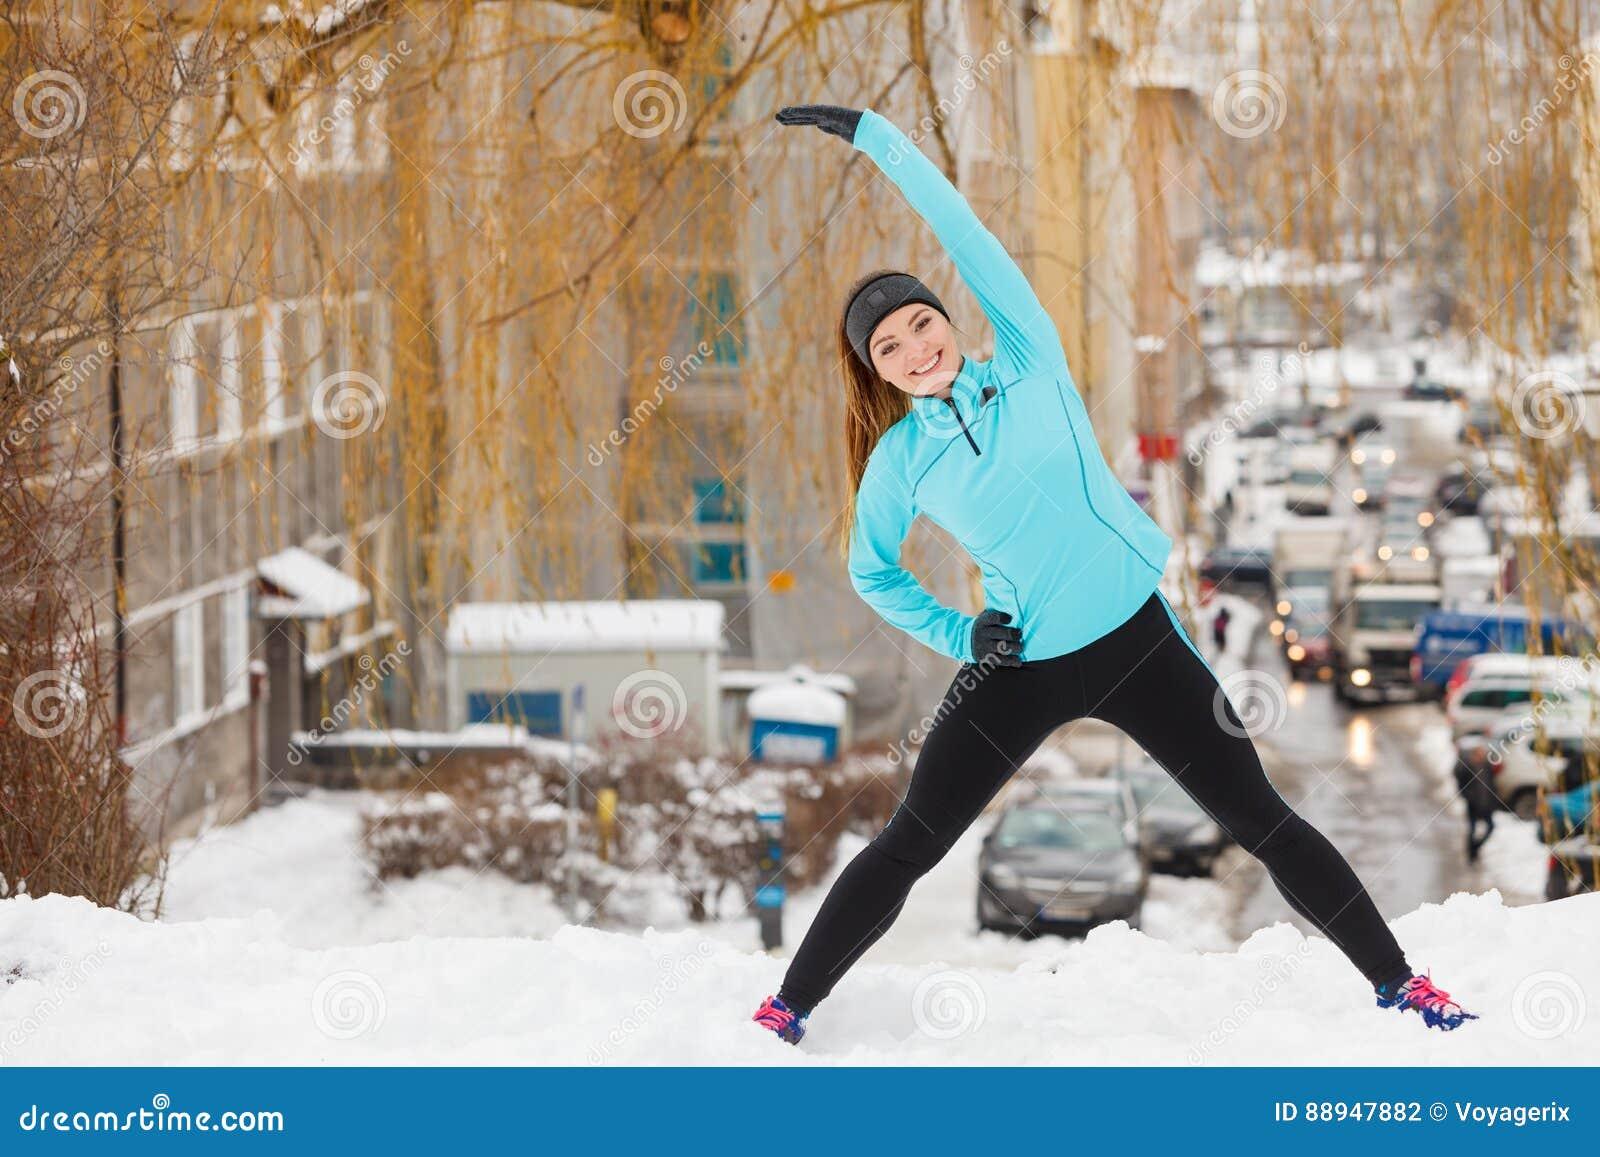 Χειμώνας Workout Κορίτσι που φορά sportswear, τεντώνοντας τις ασκήσεις